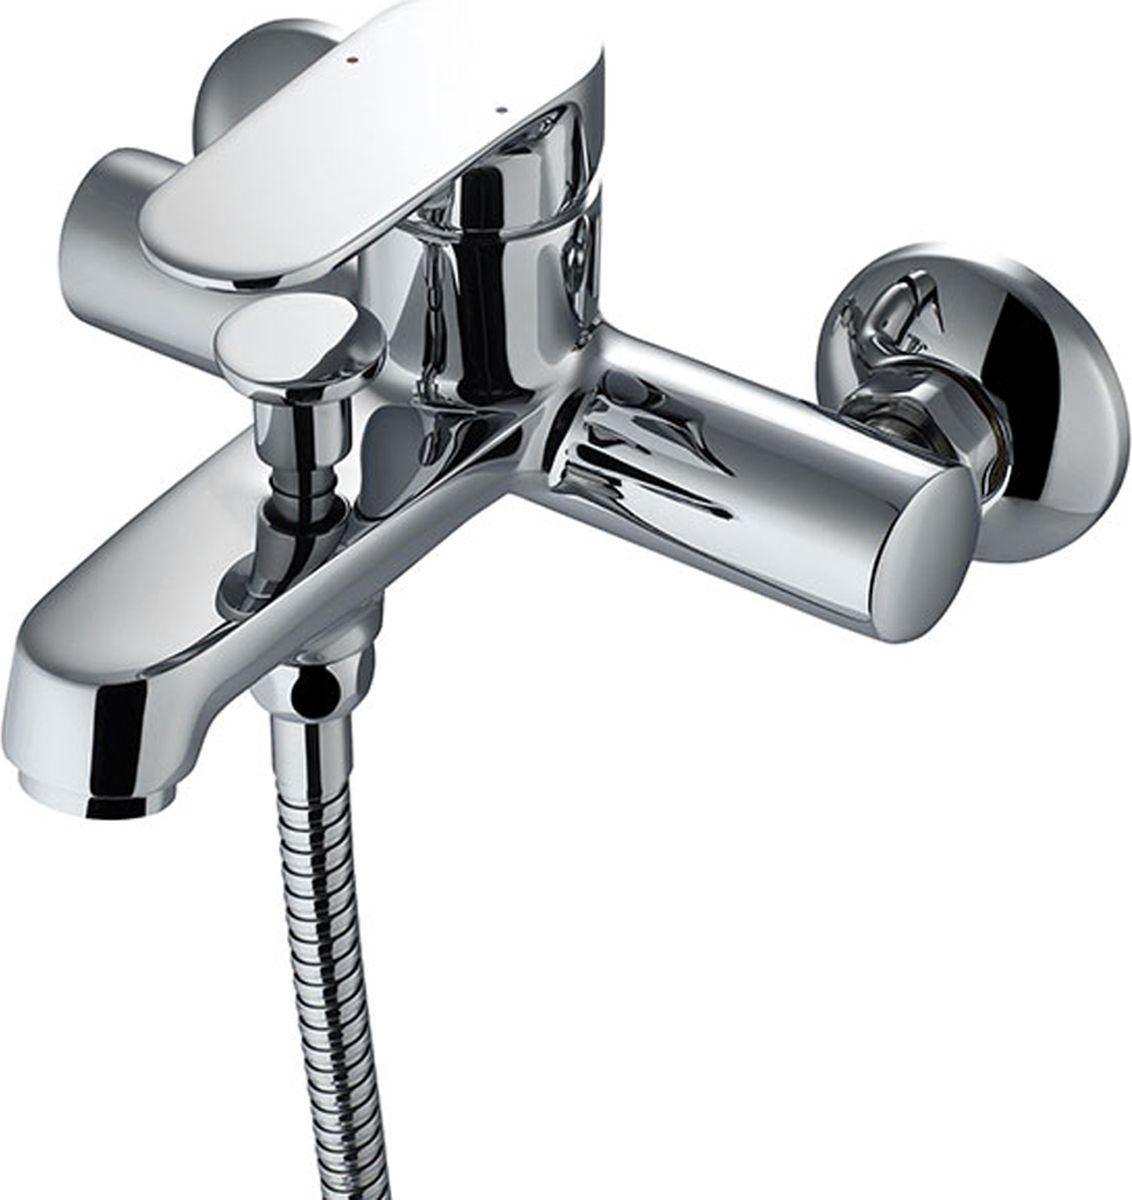 Смеситель для ванны Milardo Dover, цвет: хромVOLSB00M01Смеситель для ванны Milardo® изготовлен из высококачественной первичной латуни, прочной, безопасной и стойкой к коррозии. Инновационные технологии литья и обработки латуни, а также увеличенная толщина стенок смесителя обеспечивают его стойкость к перепадам давления и температур. Увеличенное никель-хромовое покрытие полностью соответствует европейским стандартам качества, обеспечивает его стойкость и зеркальный блеск в течение всего срока службы изделия. Благодаря гладкой внутренней поверхности смесителя, рассекателям в водозапорных механизмах и аэратору он имеет минимальный уровень шума.Ручная фиксация дивертора позволяет комфортно принимать душ даже при низком давлении воды. В комплект входят лейка и шланг из нержавеющей стали длиной 1,5 м с защитой от перекручивания.Гарантия на смесители Milardo® – 7 лет. Гарантия на лейку и шланг составляет 1 года.